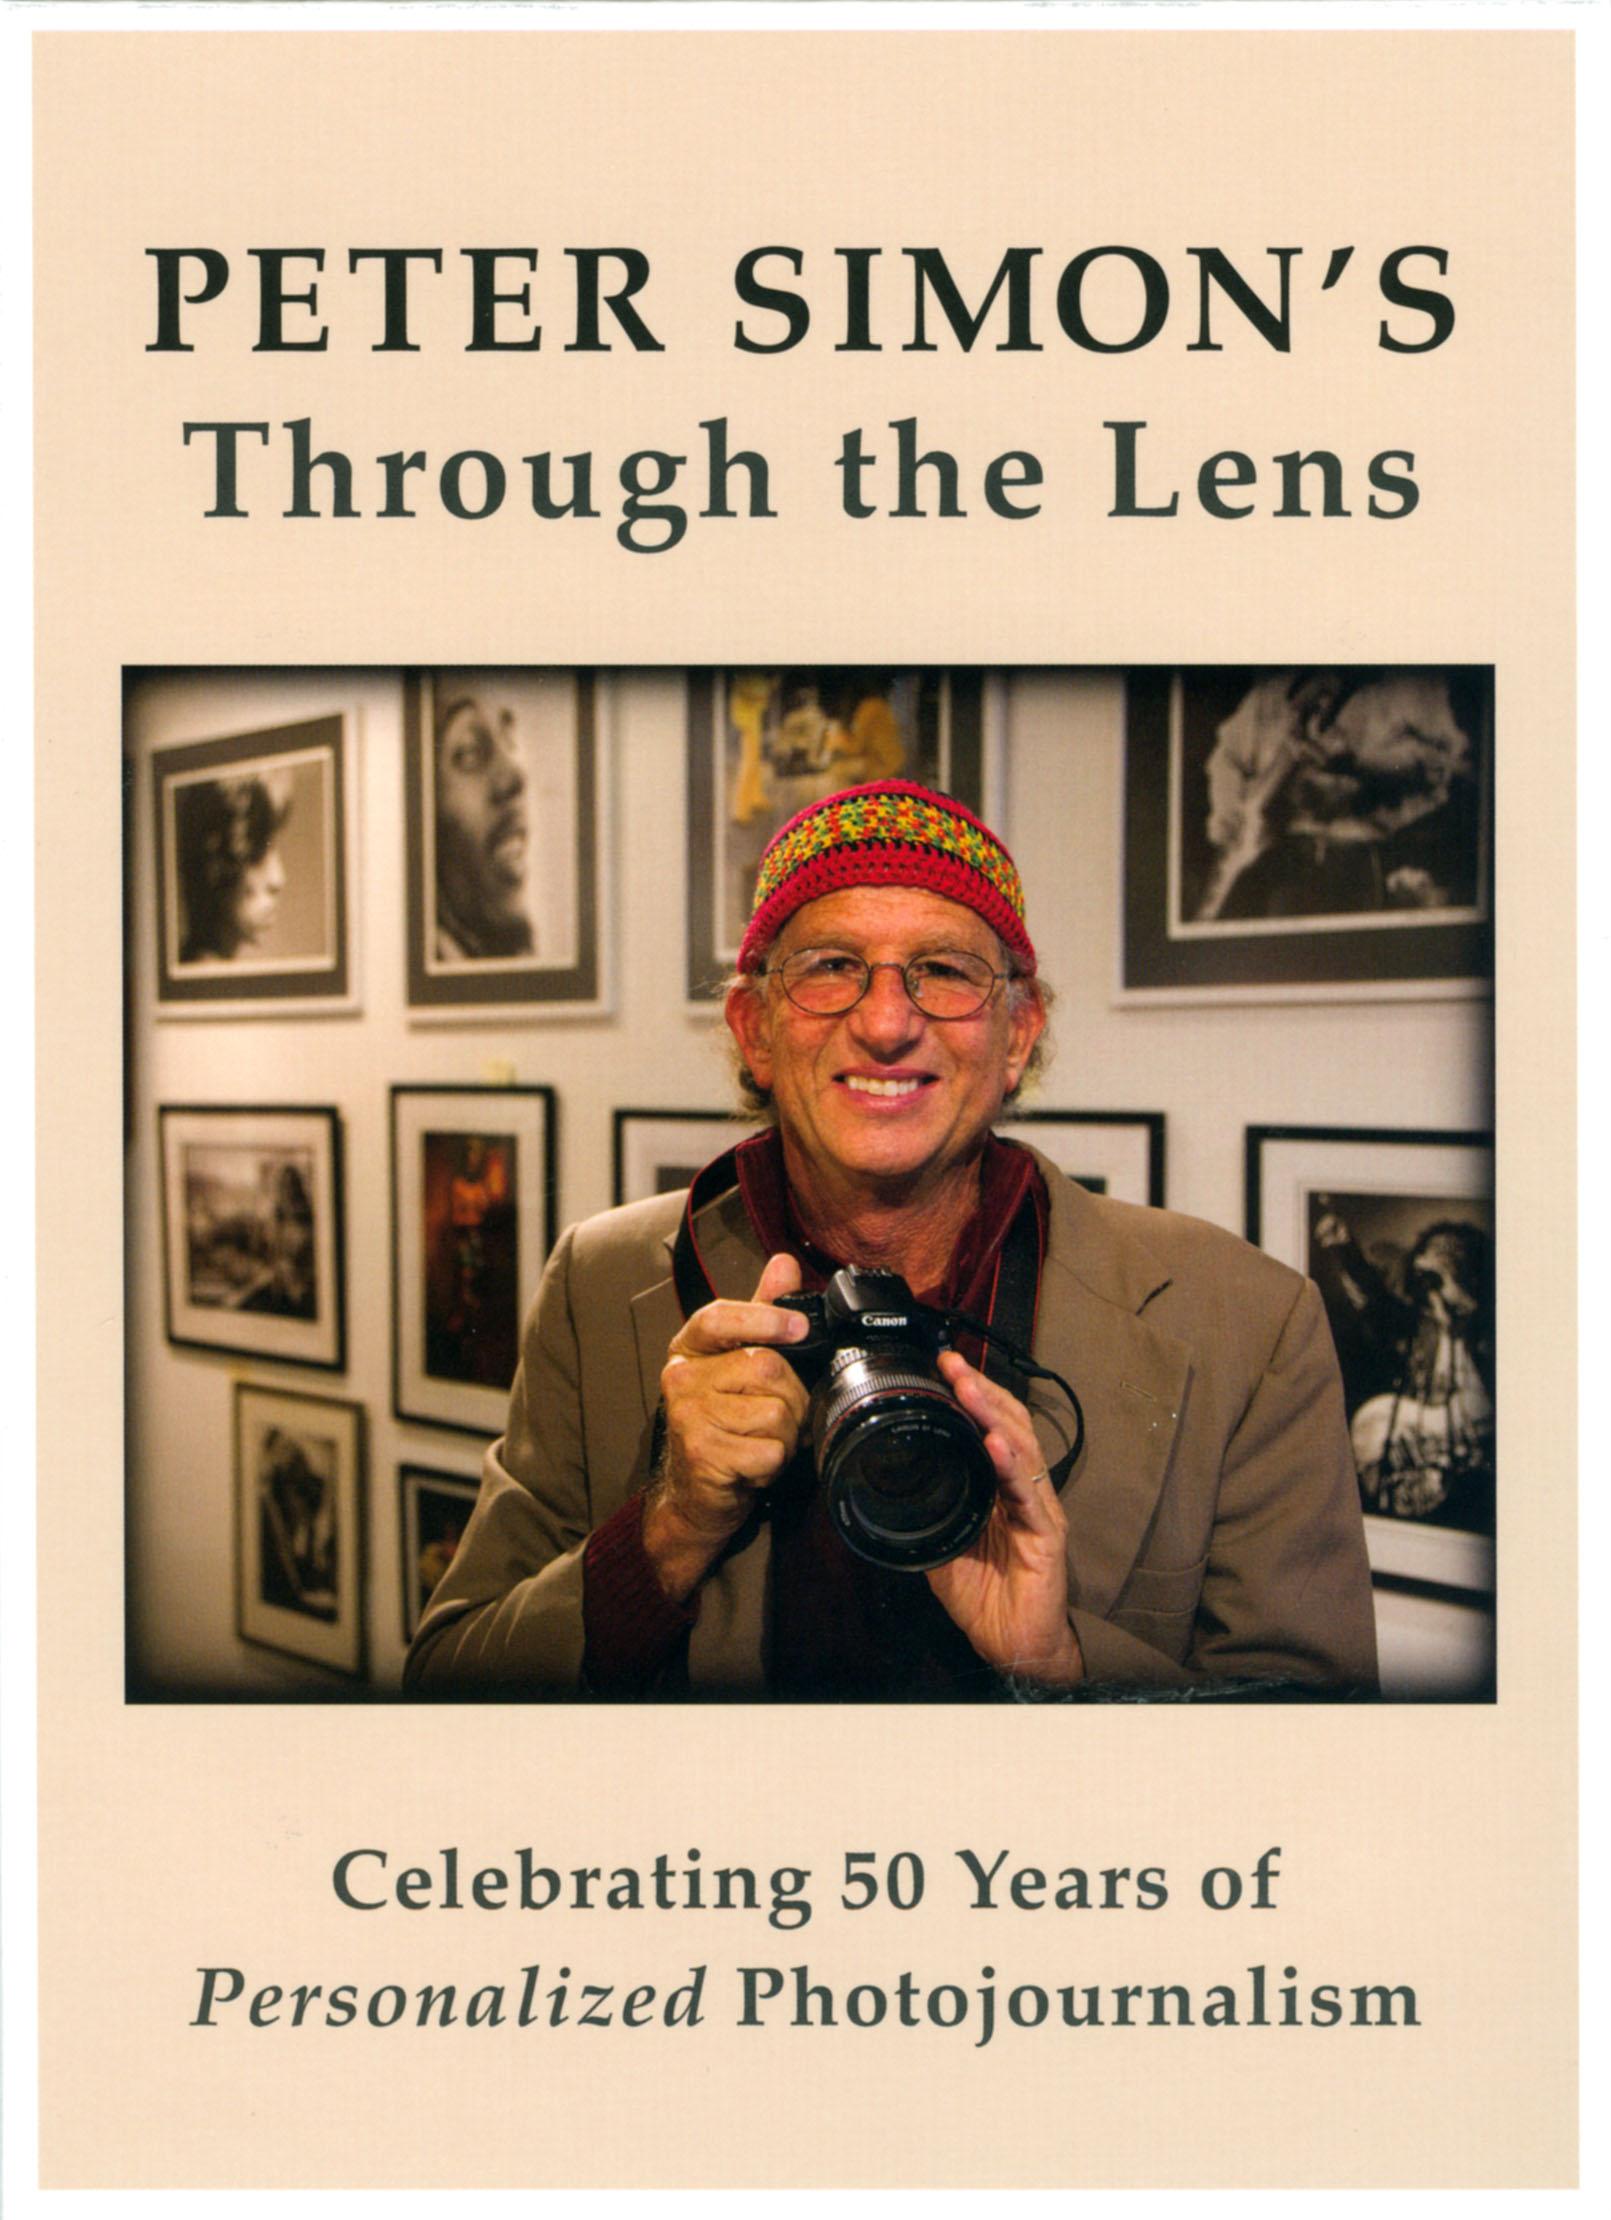 Peter Simon's Through the Lens